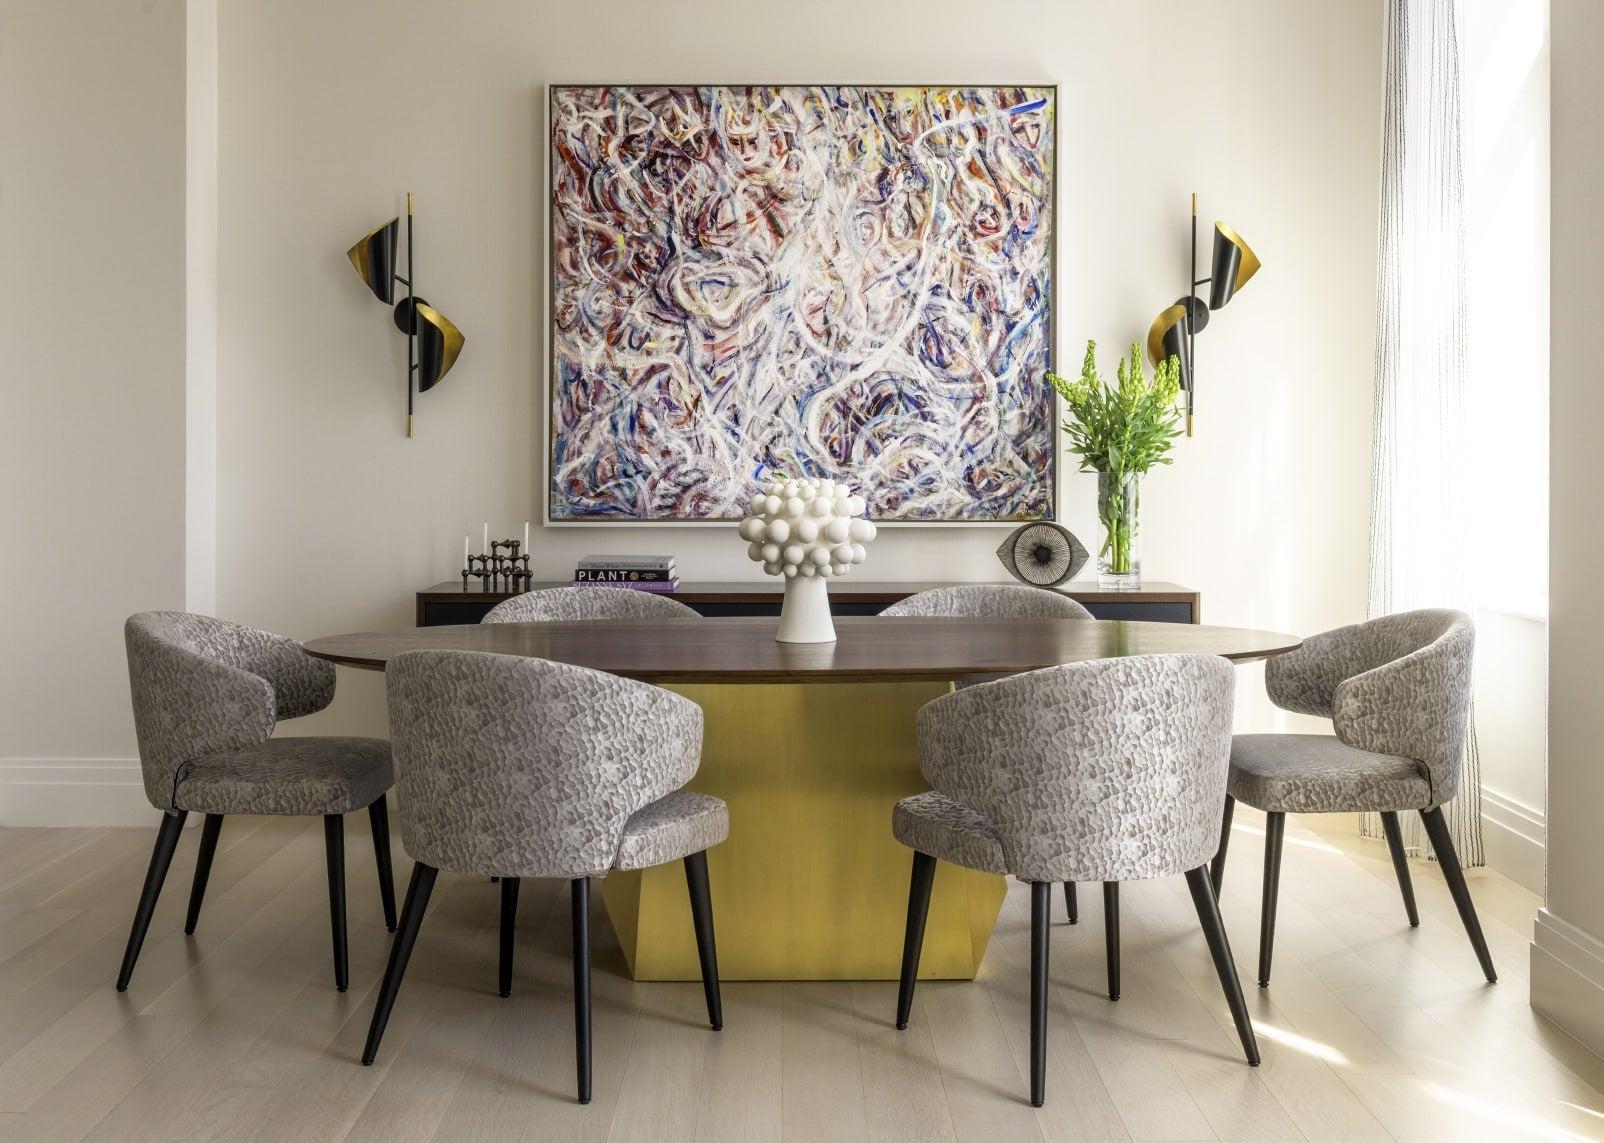 dining room by Paris Forino